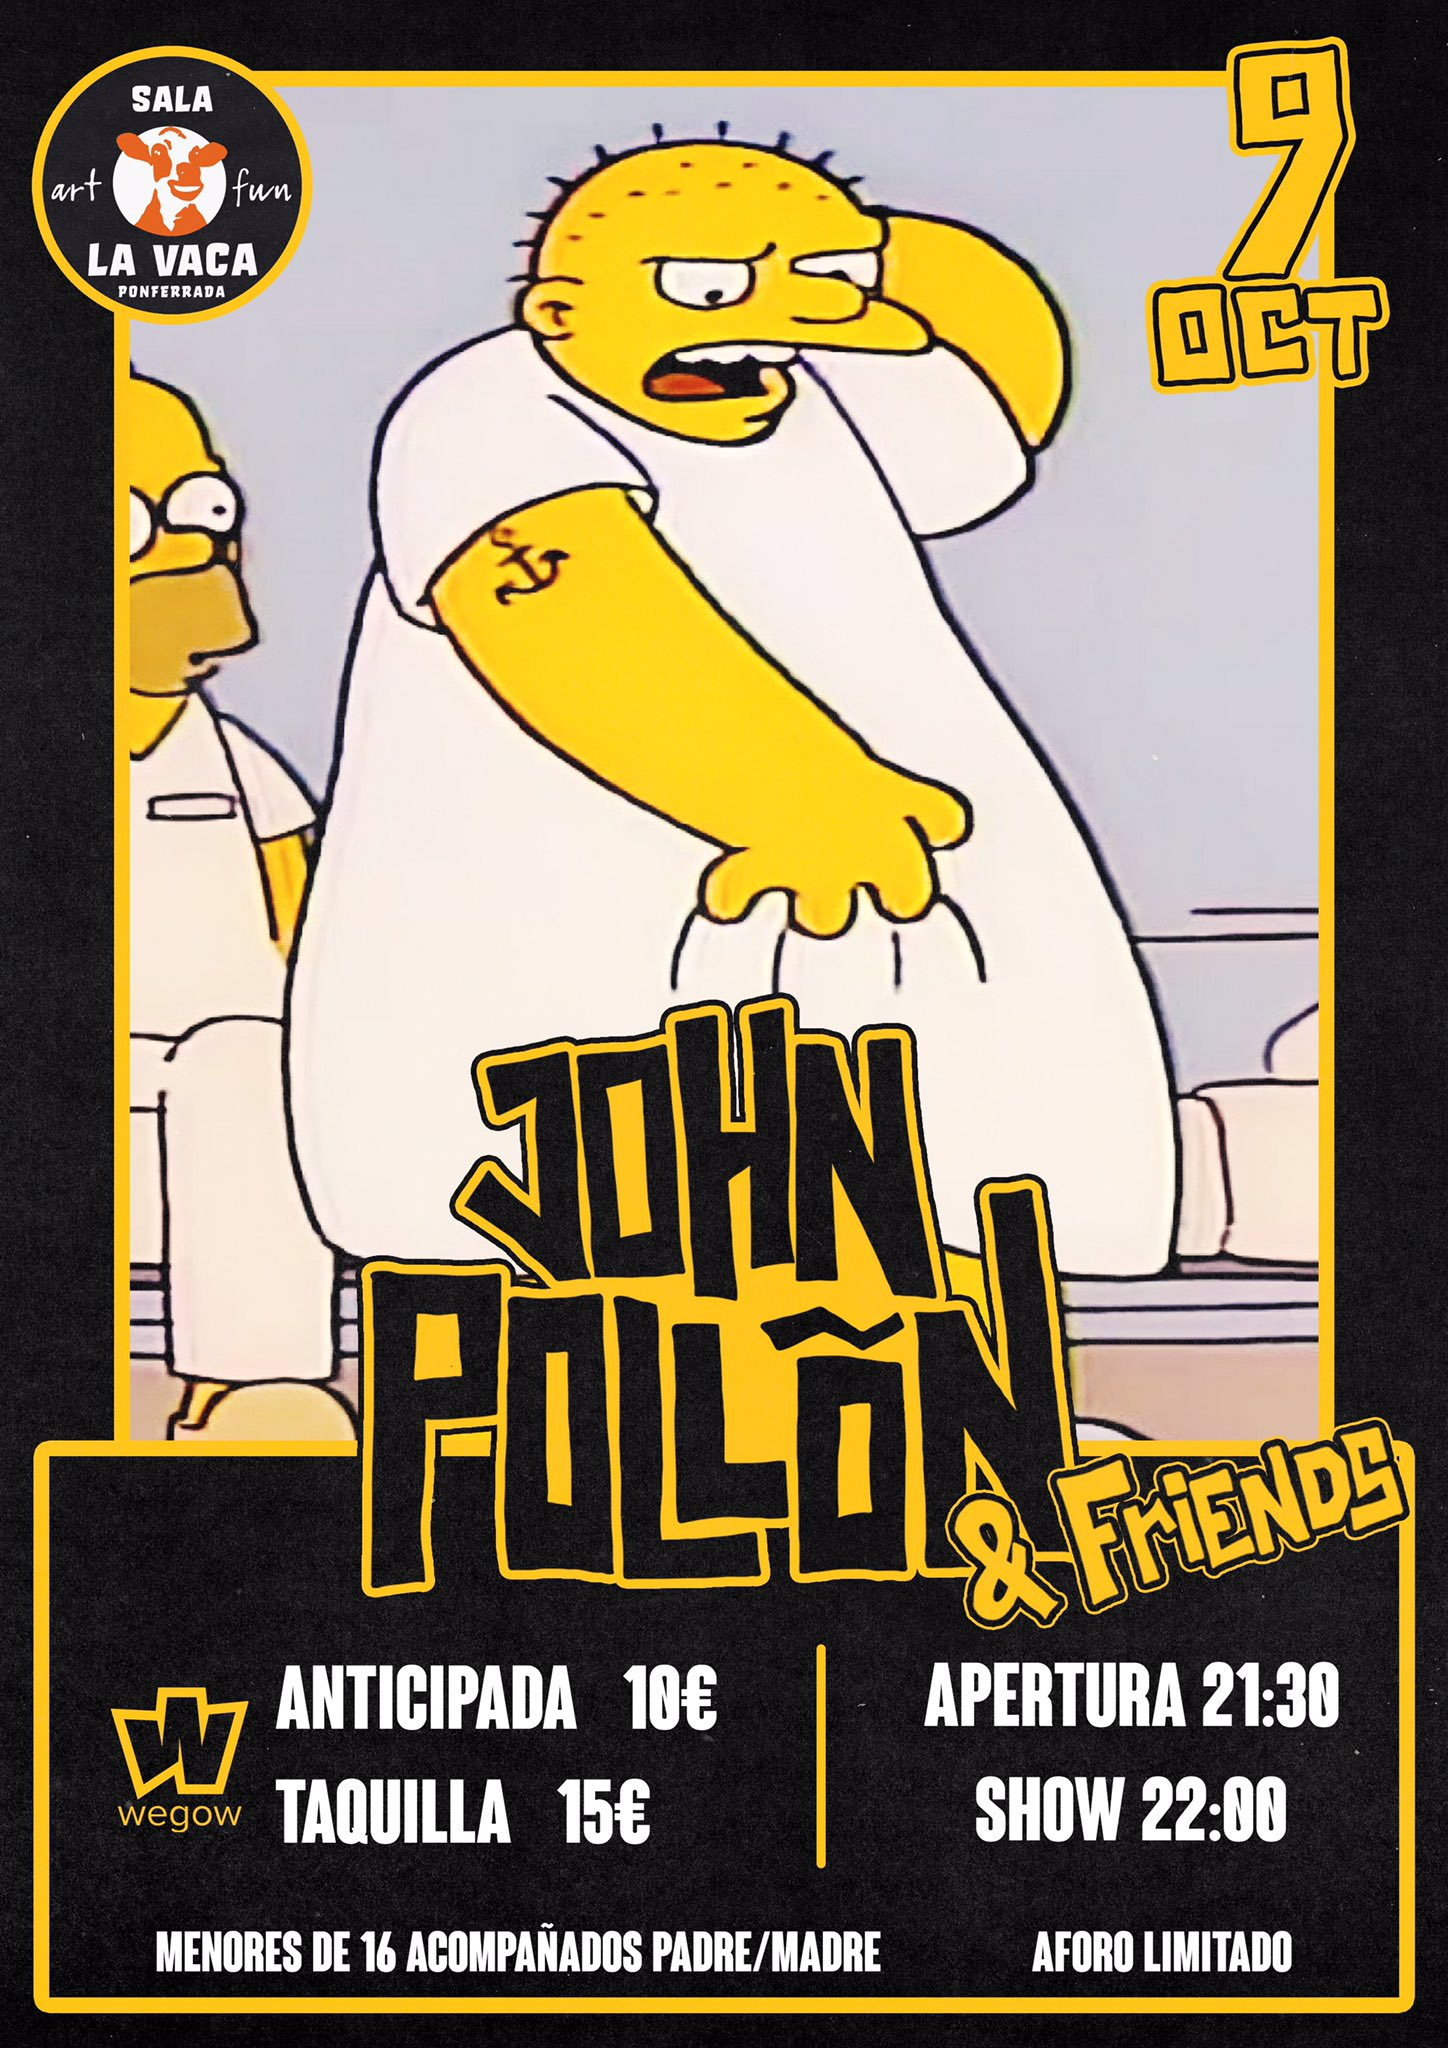 John Pollõn agota en 4 horas las entradas para su concierto en Ponferrada 2